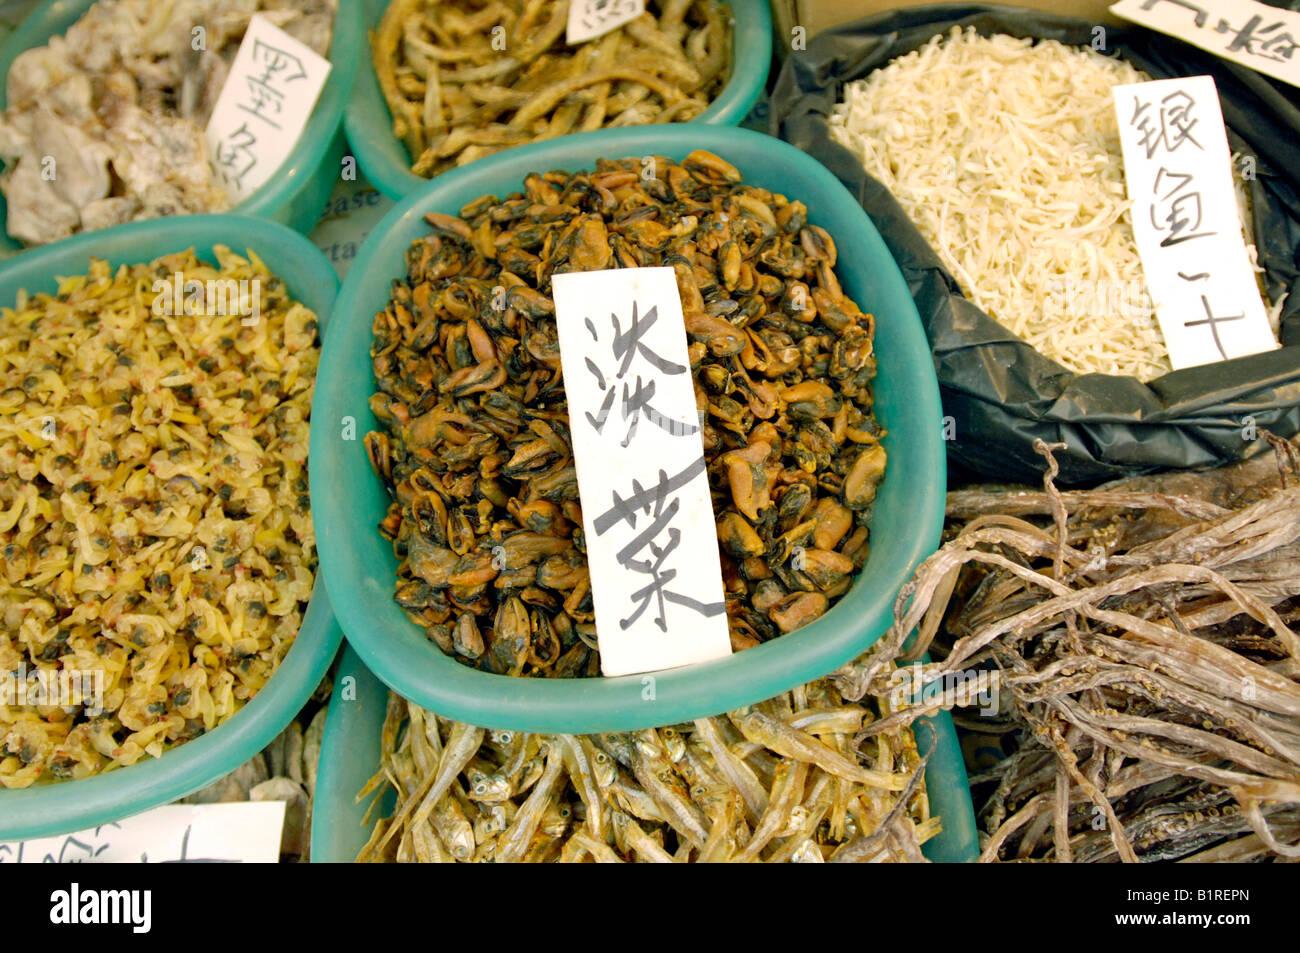 Le poisson séché et les pétoncles à la vente à un marché, Xi'an, province du Shaanxi, China, Asia Banque D'Images